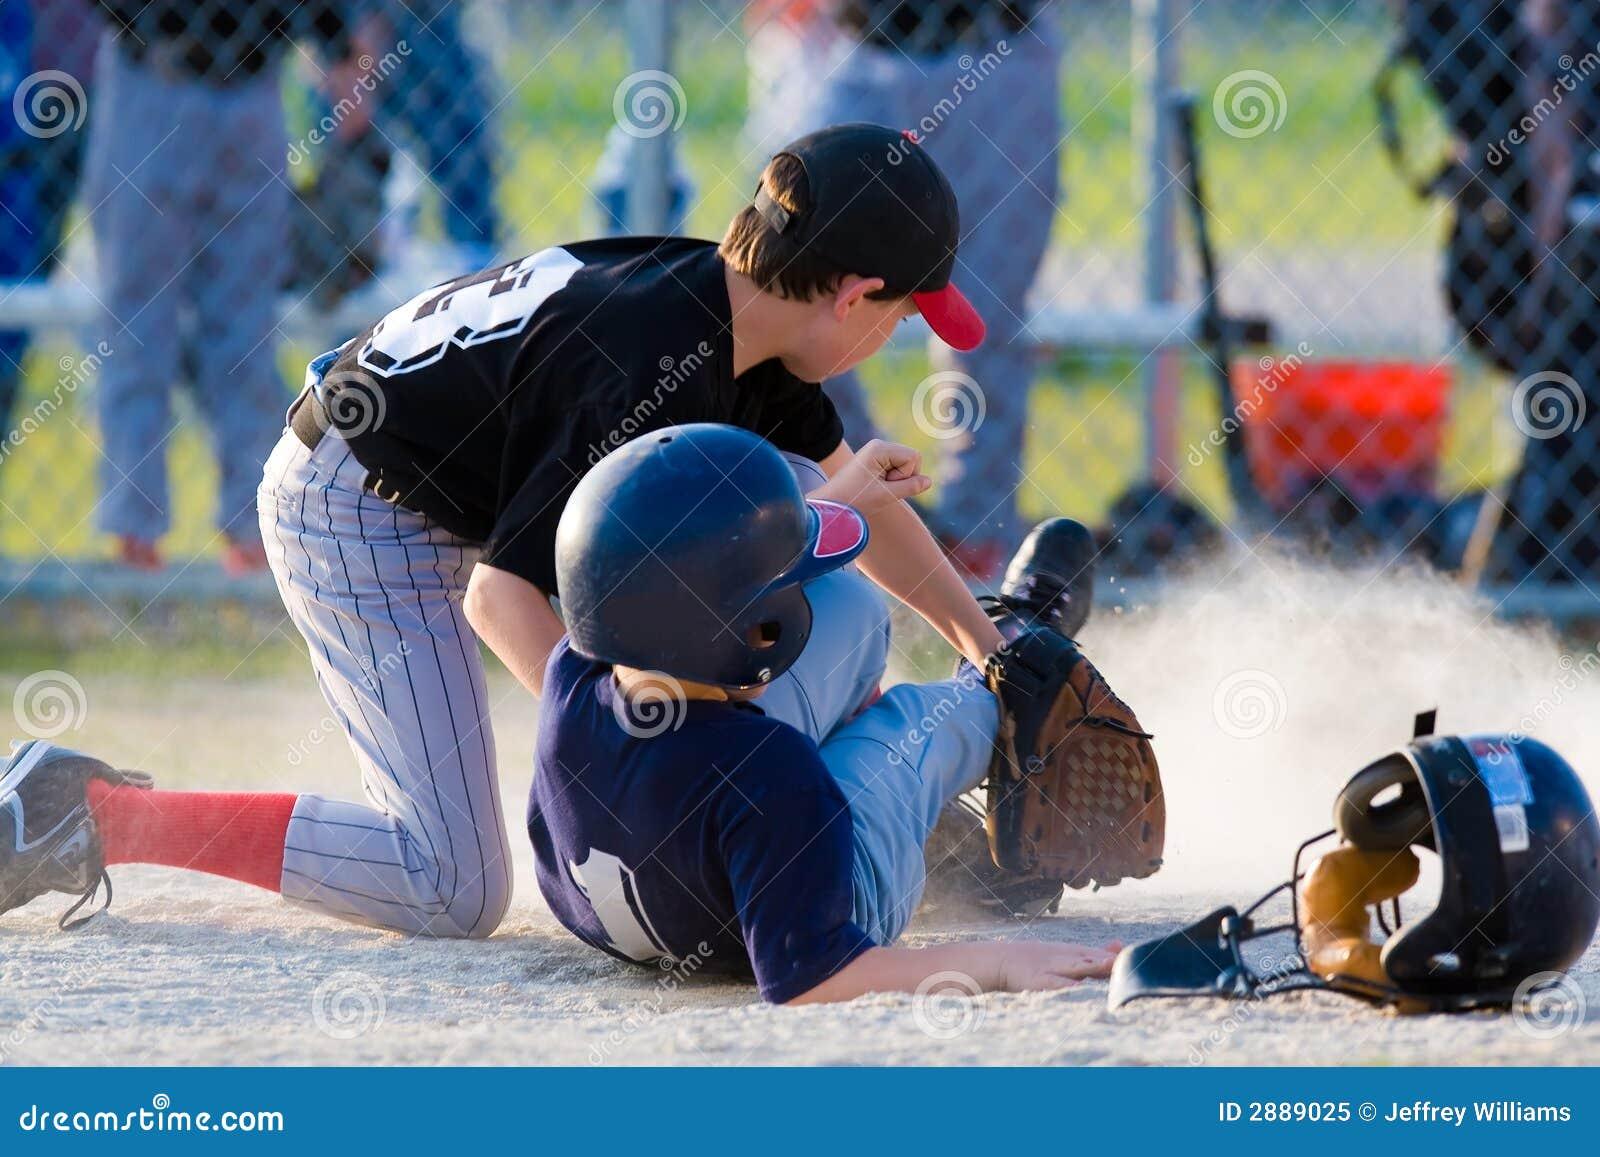 Desplazamiento del jugador de béisbol